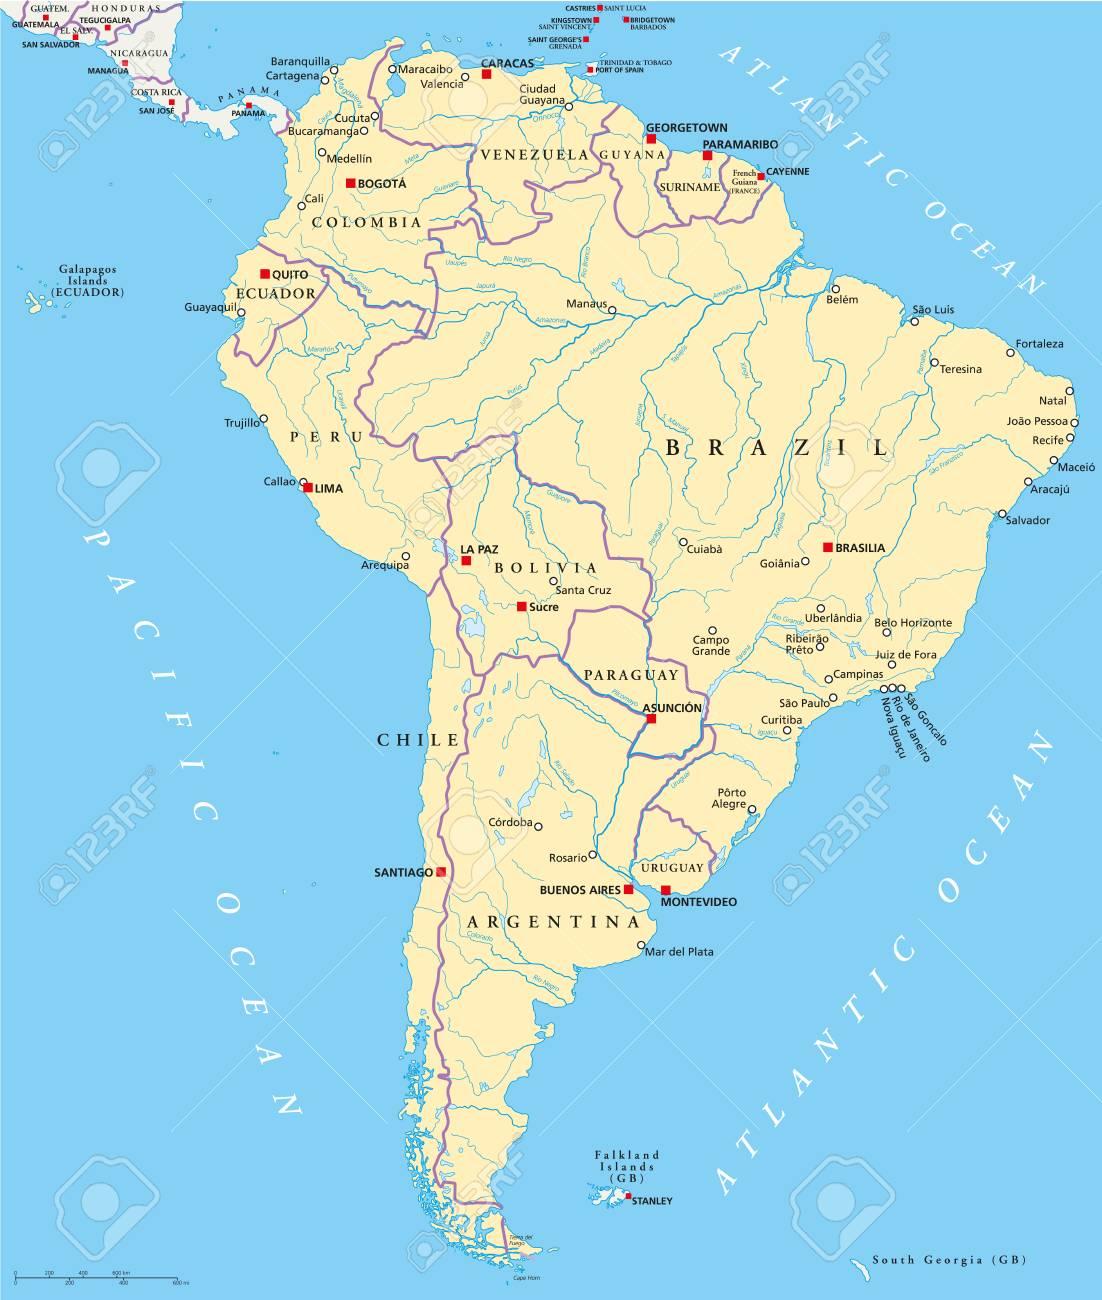 Cartina America Meridionale Politica.America Del Sud Mappa Politica Con Singoli Stati Capitali Citta Piu Importanti I Confini Nazionali Laghi E Fiumi Illustrazione Vettoriale Con